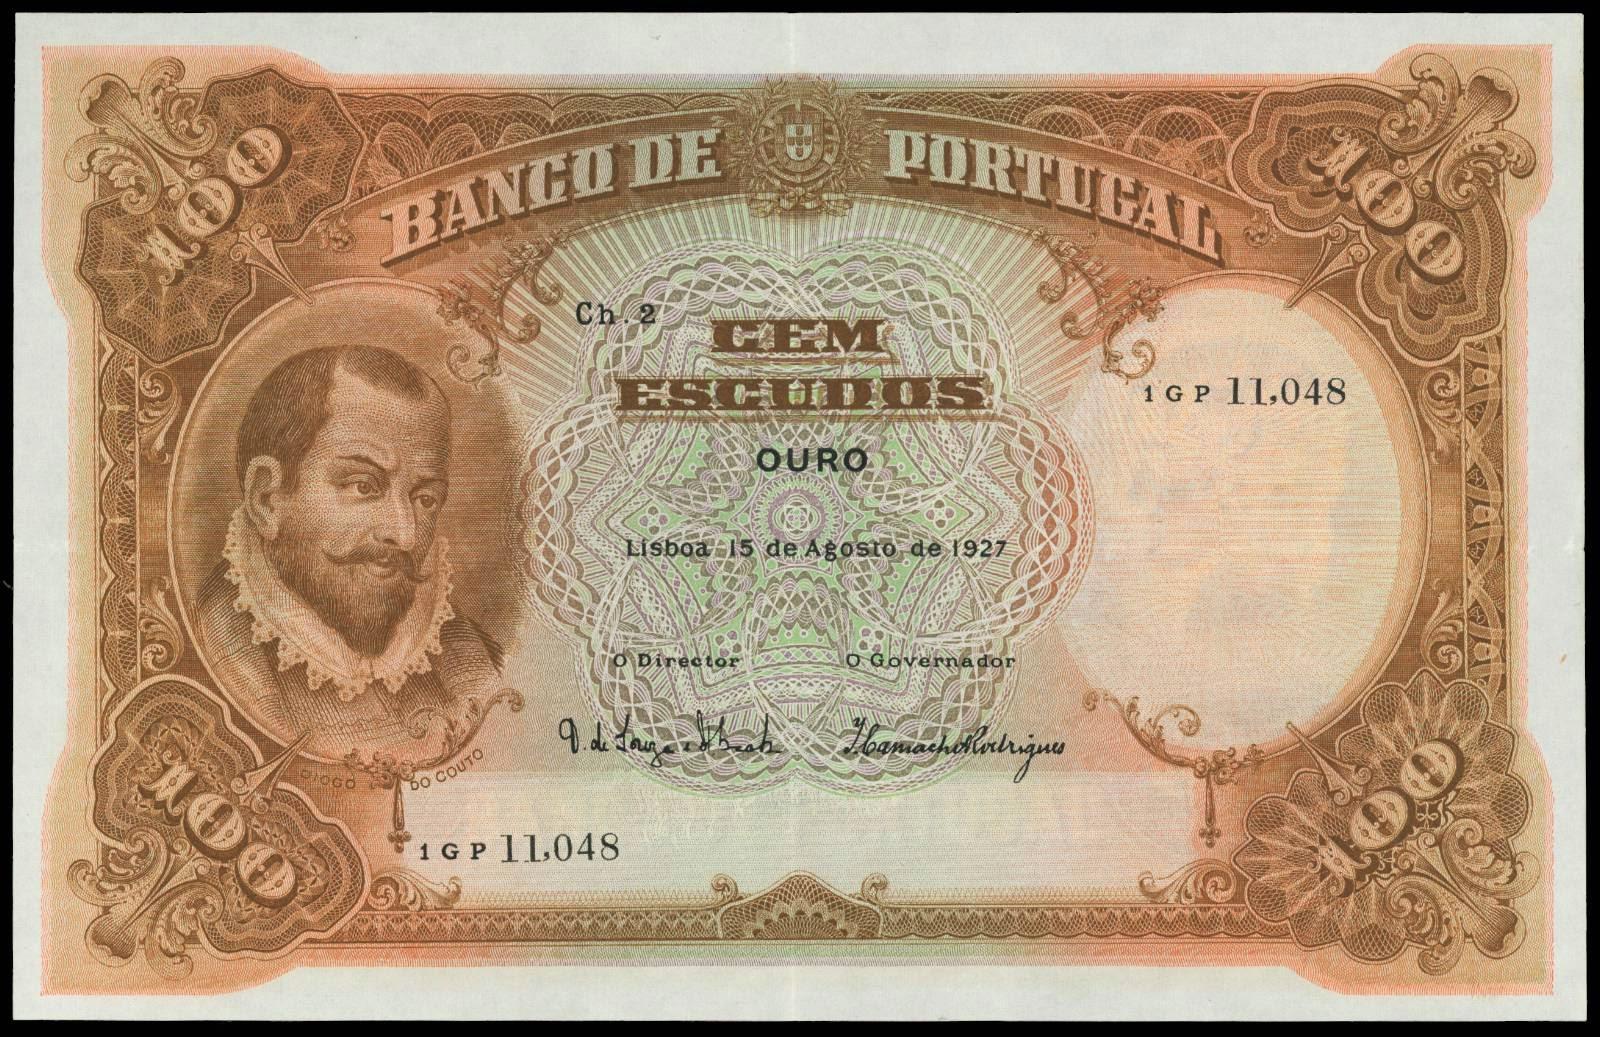 Portugal 100 Escudos banknote 1927 Diogo de Couto